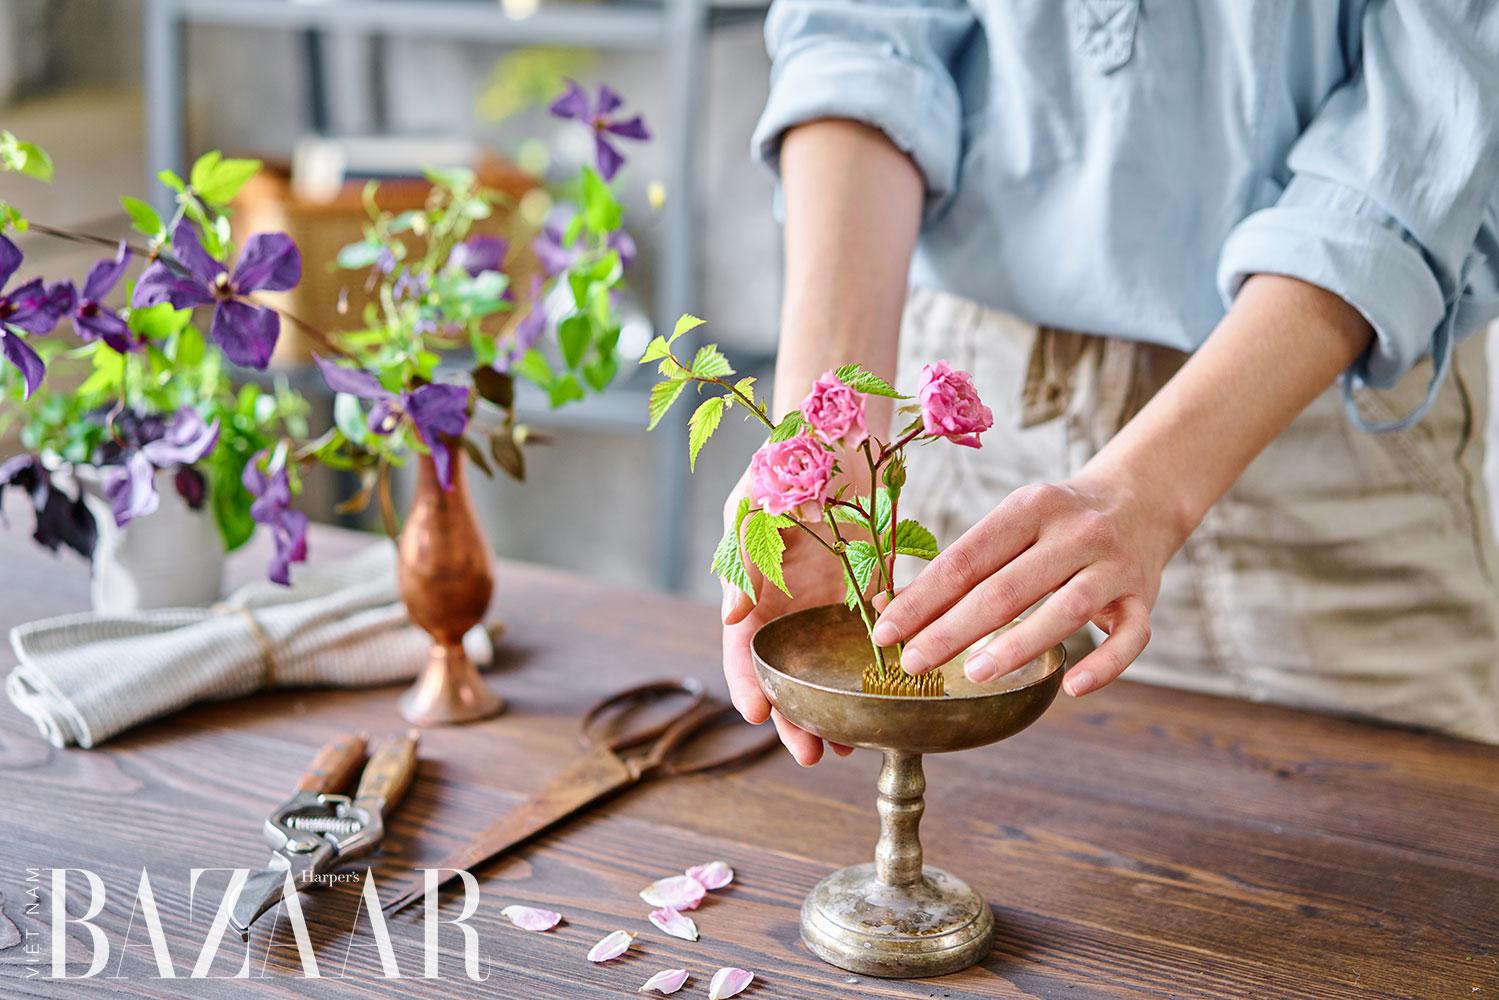 Hiểu về 5 yếu tố cắm hoa nghệ thuật của một bậc thầy